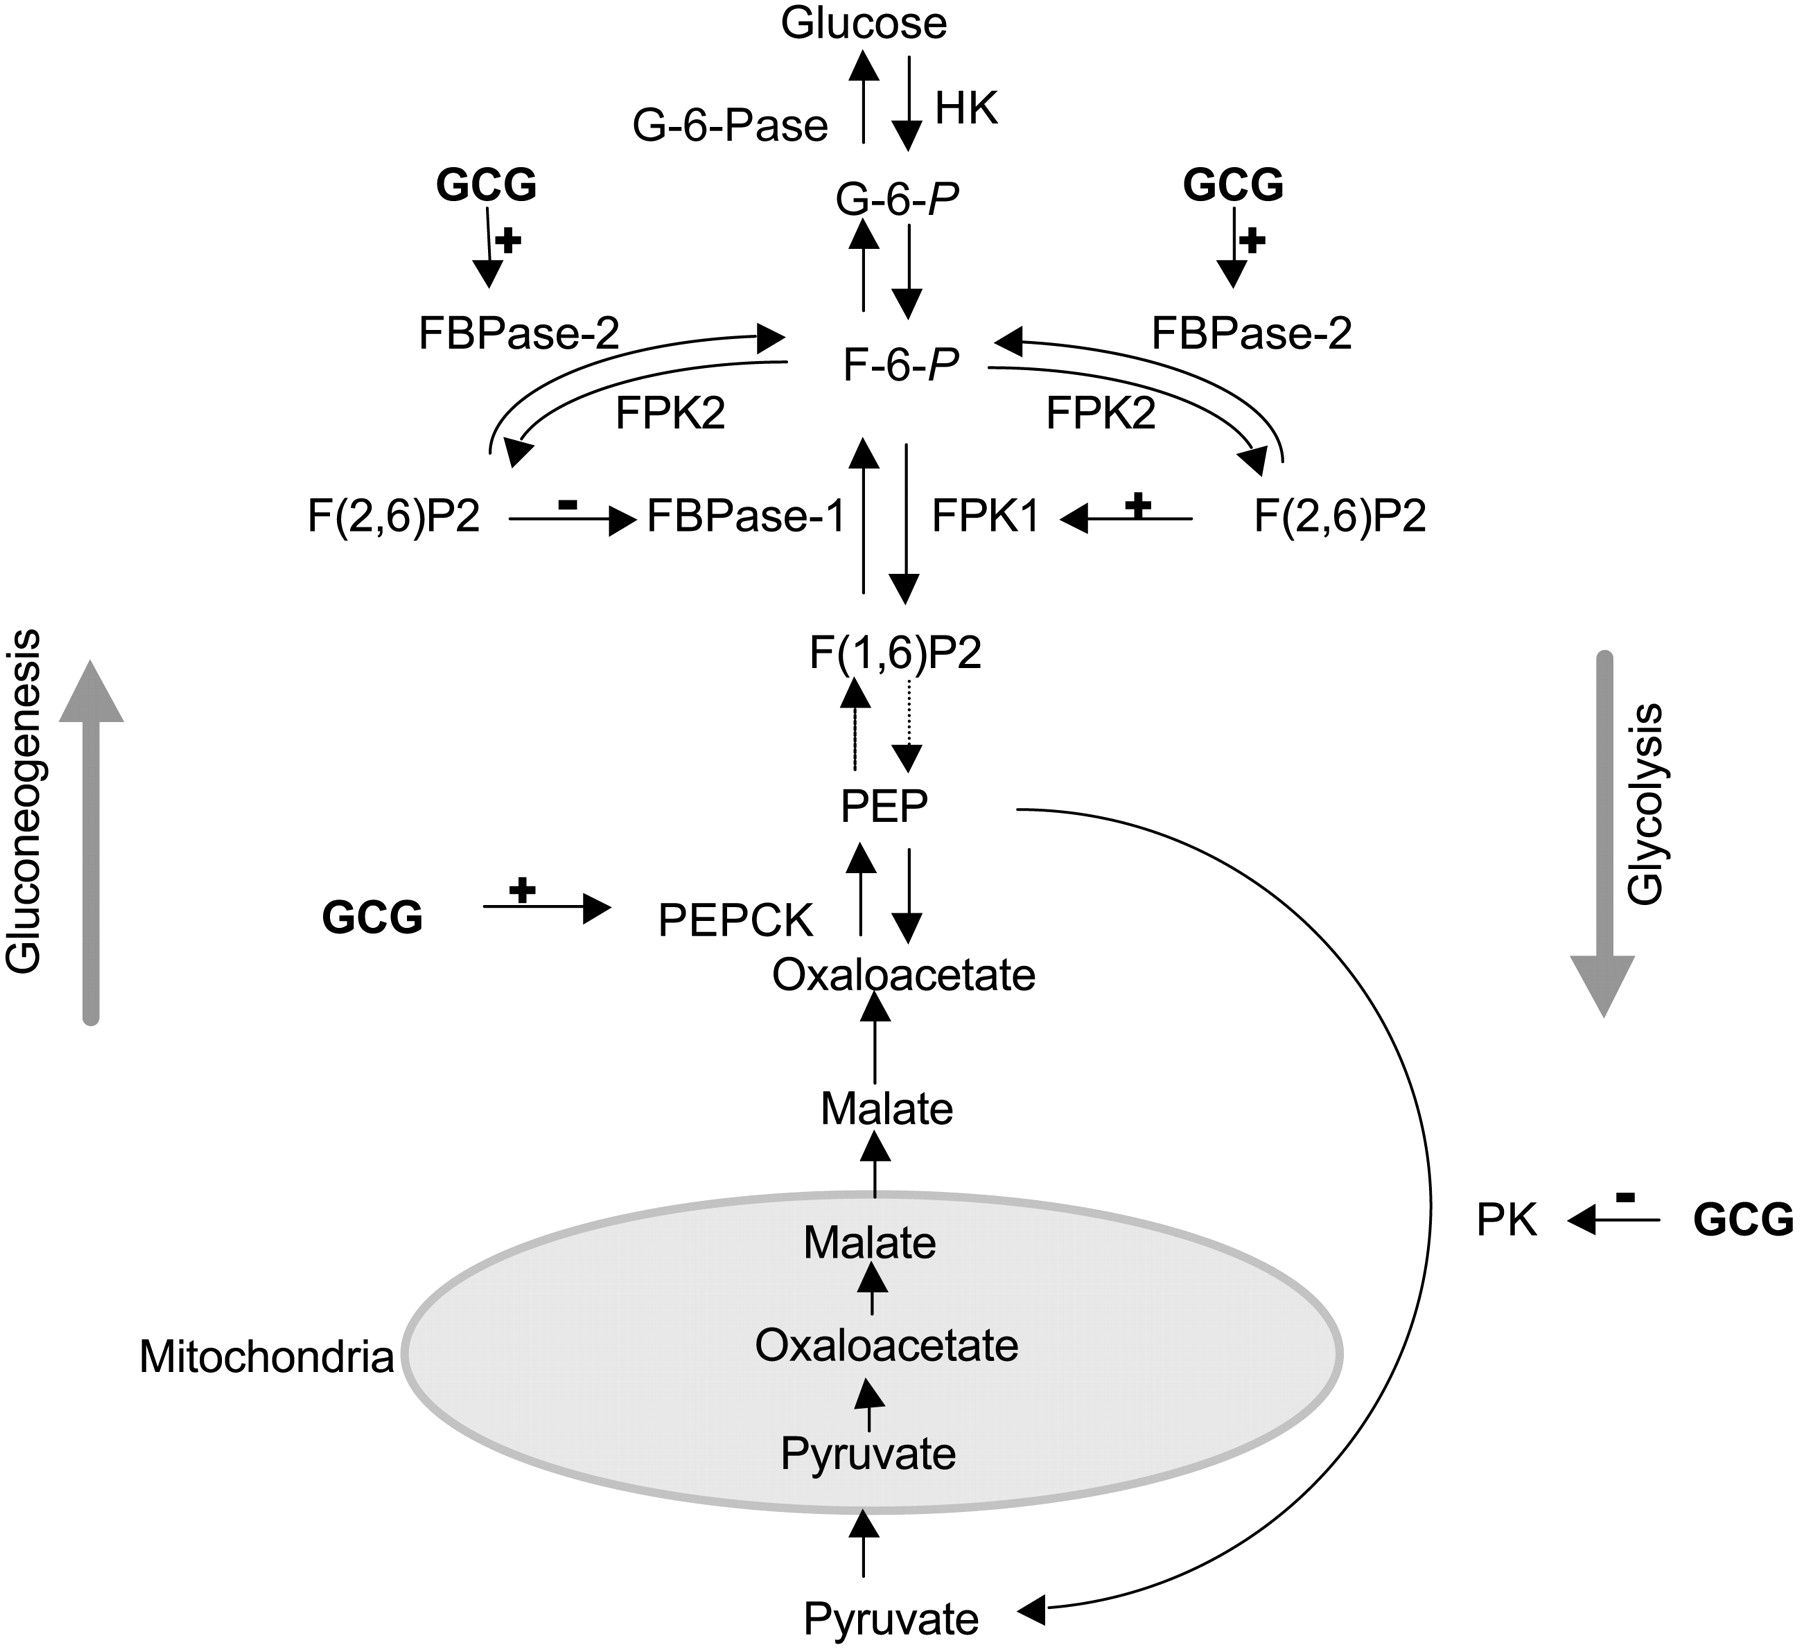 Glucose diagram